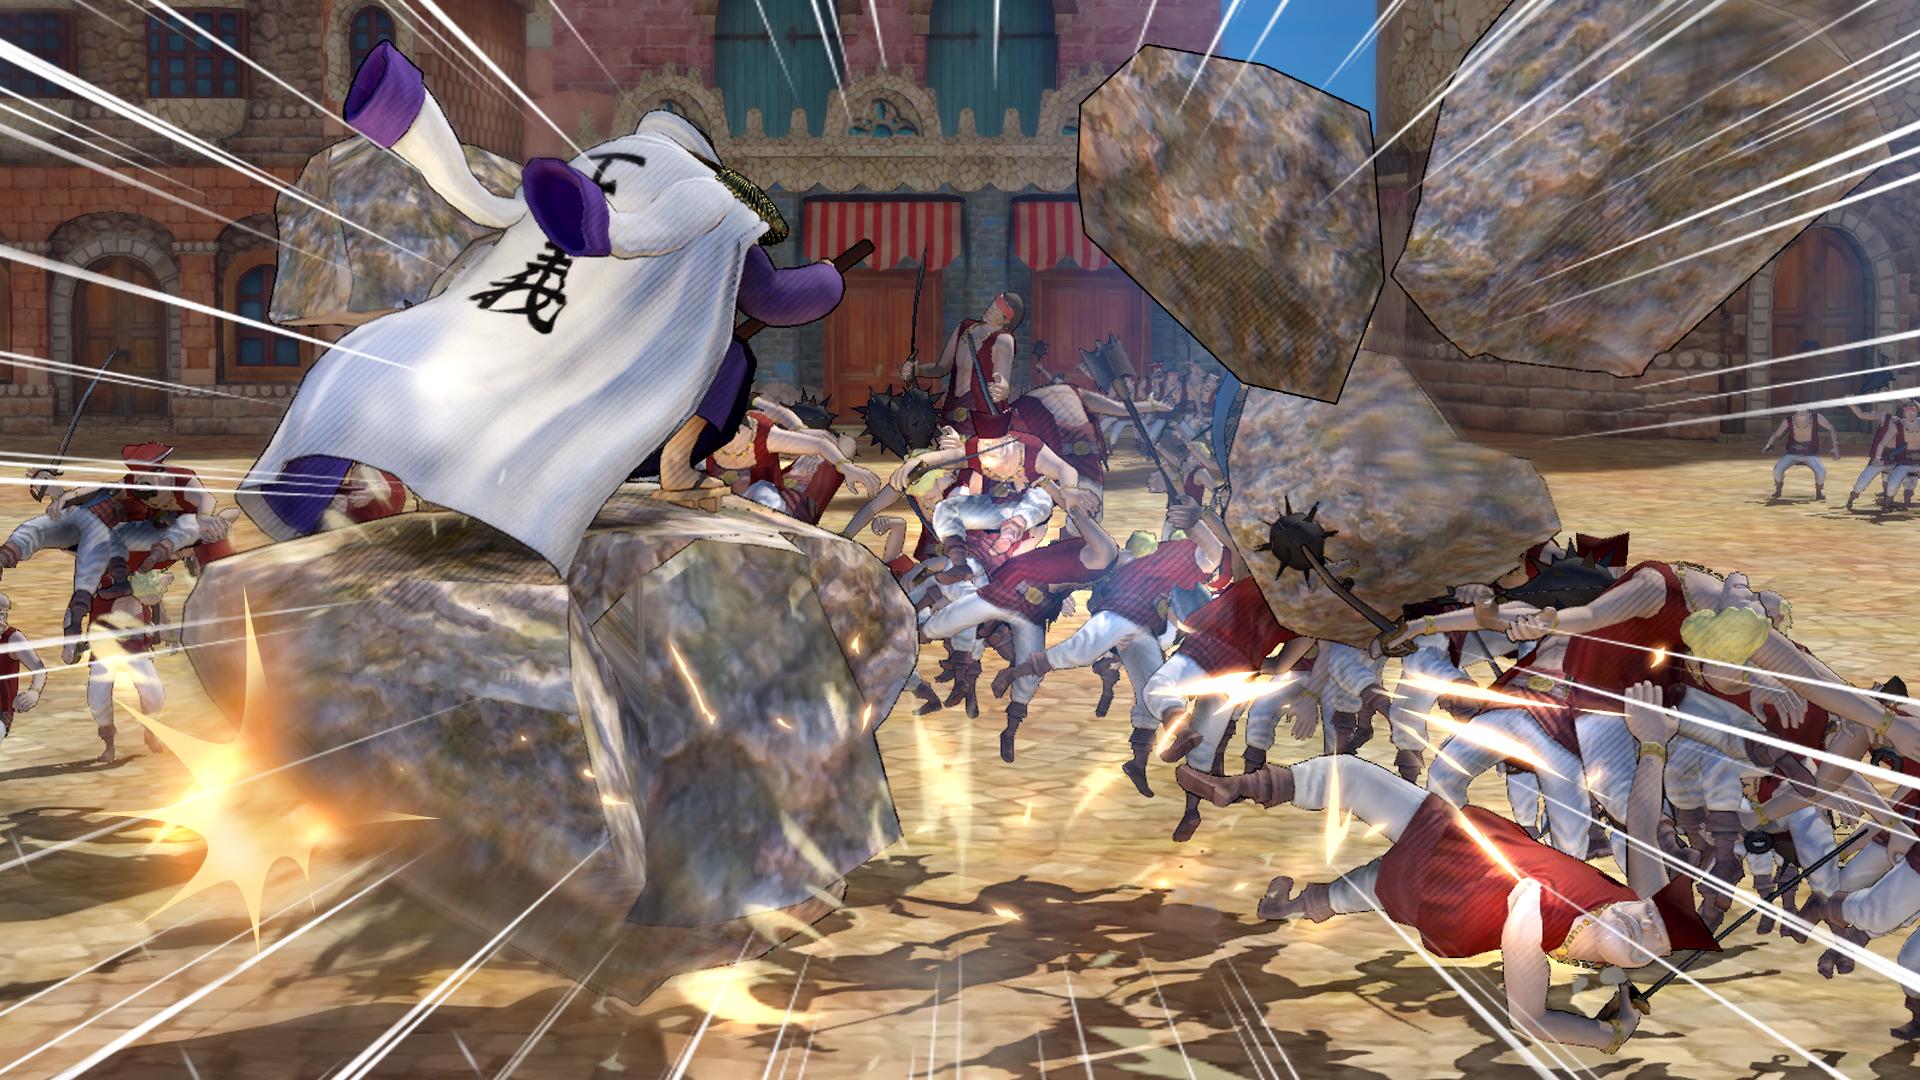 One Piece Pirate Warriors 3 ESPAÑOL PC Full PROPER (CODEX) + REPACK 2 DVD5 (JPW) 4